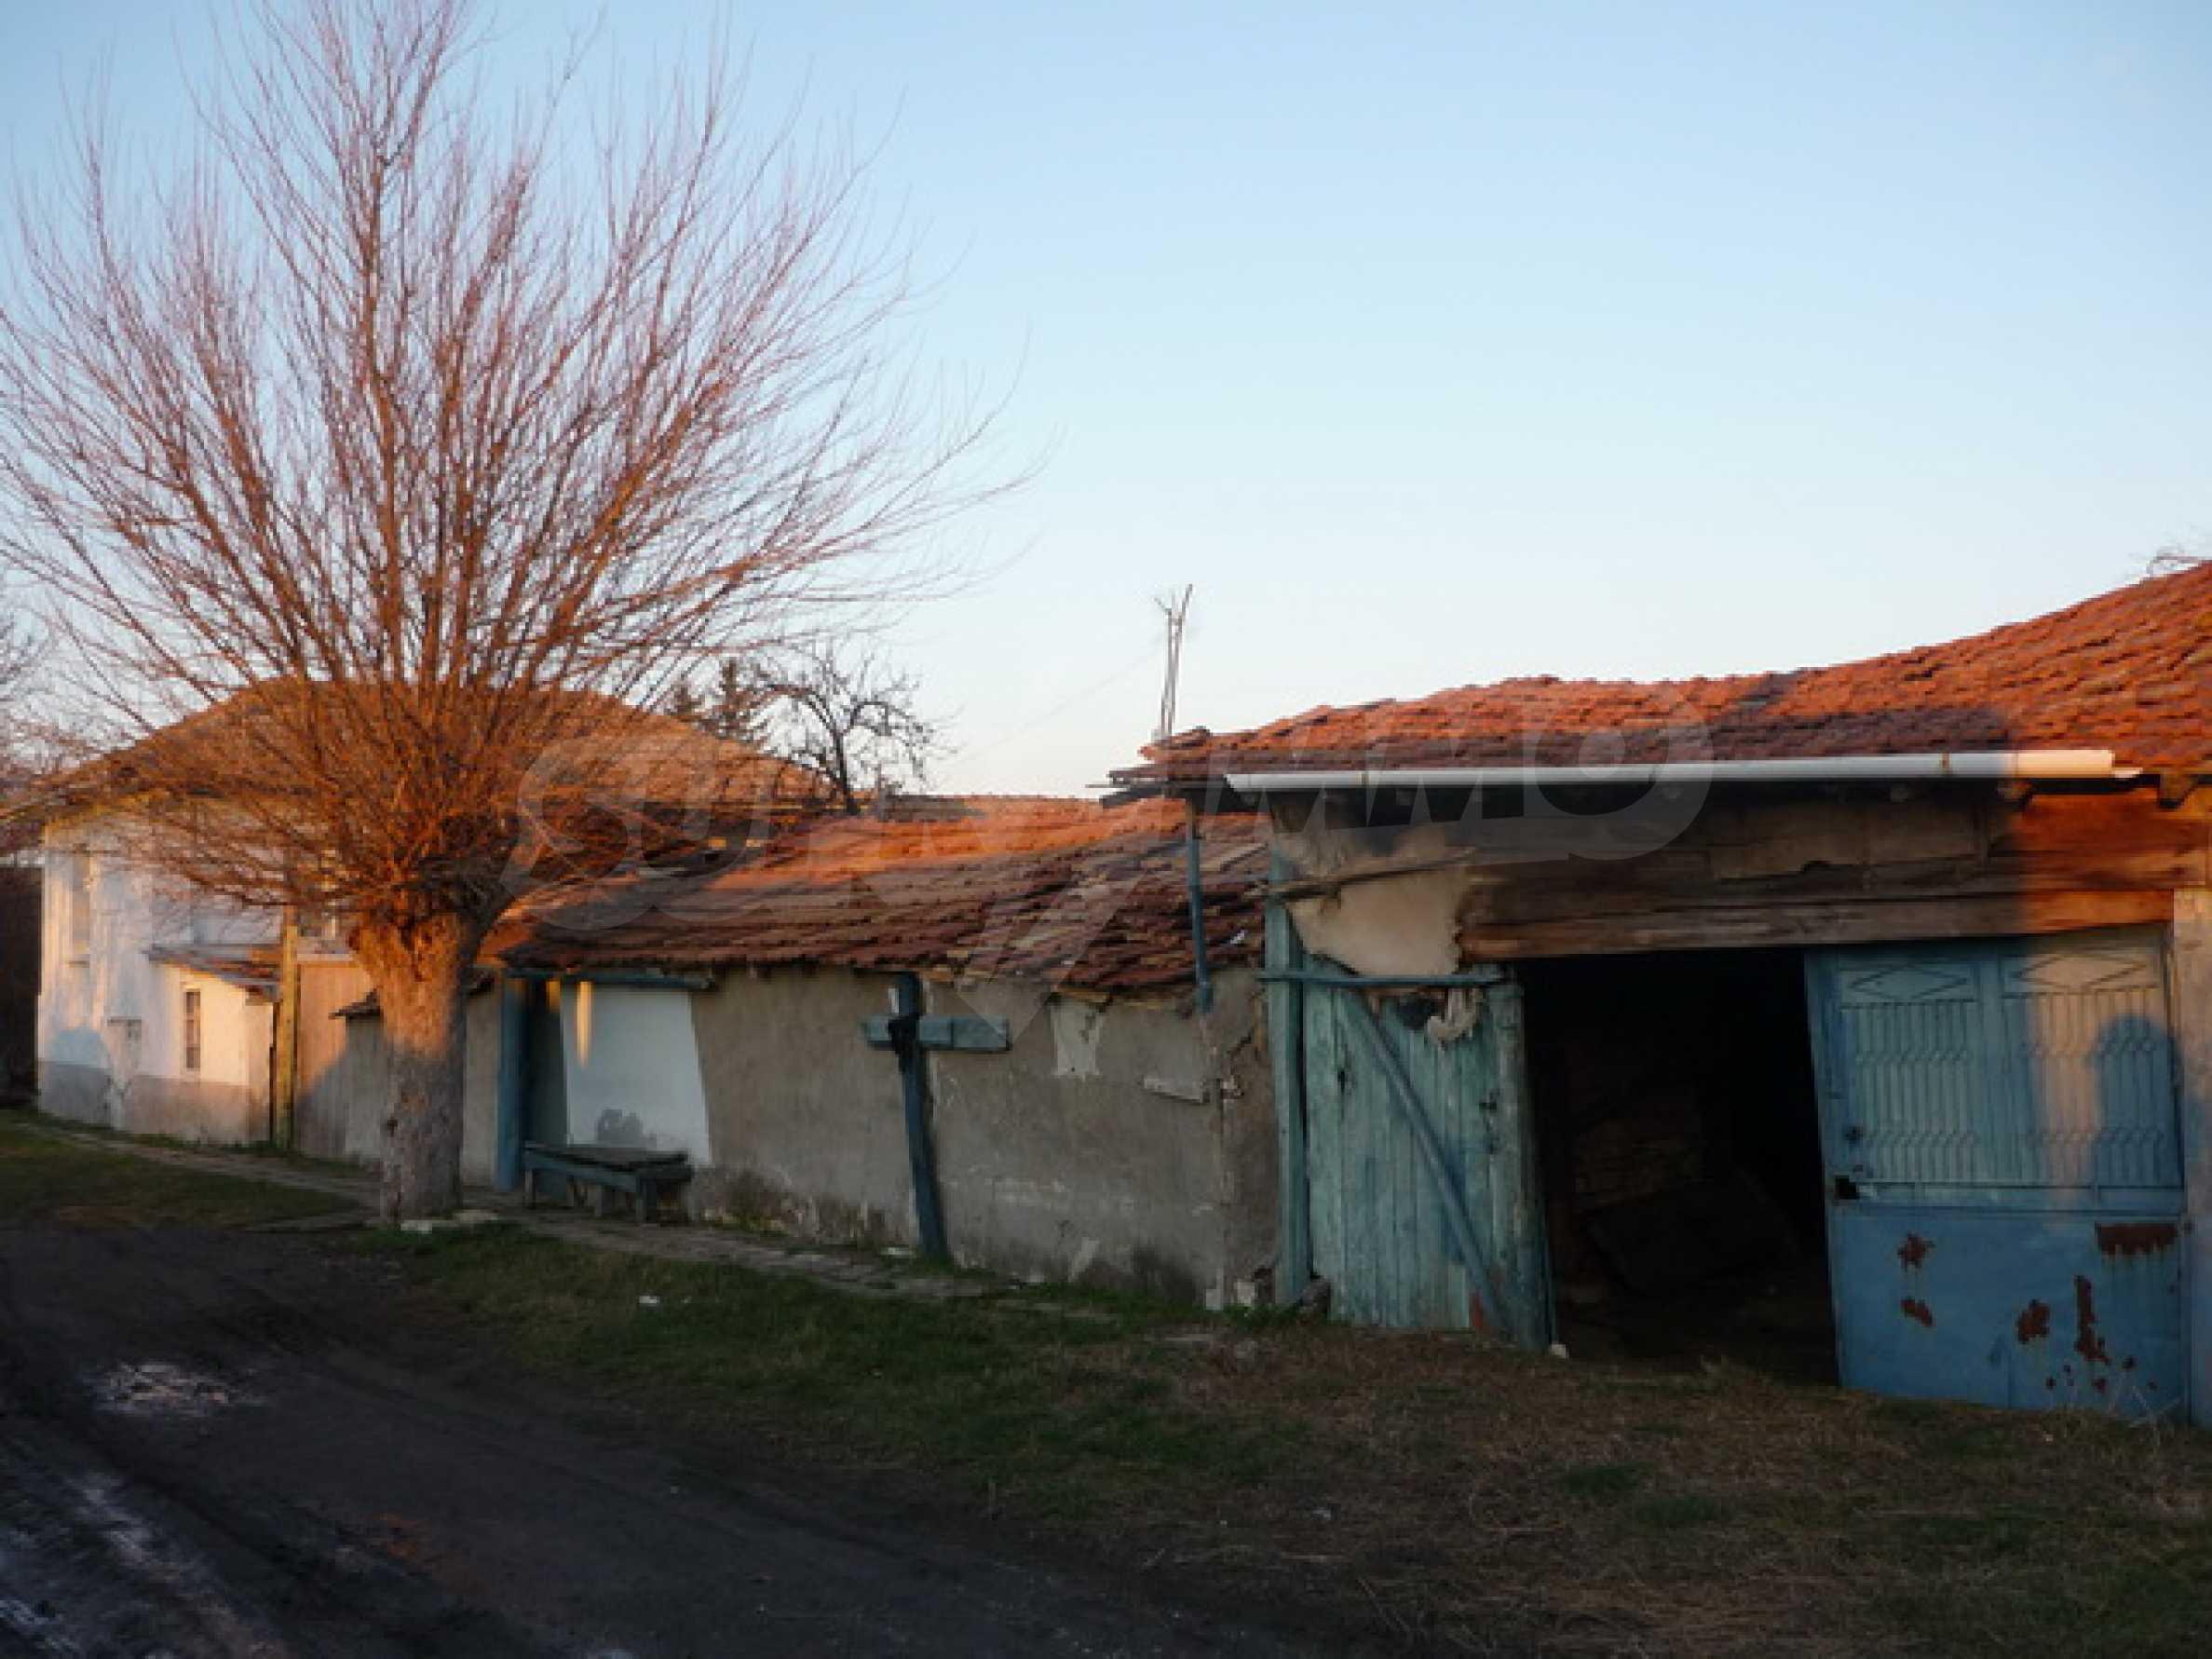 Продава се къща на два етажа в село на 40 километра от Велико Търново 1